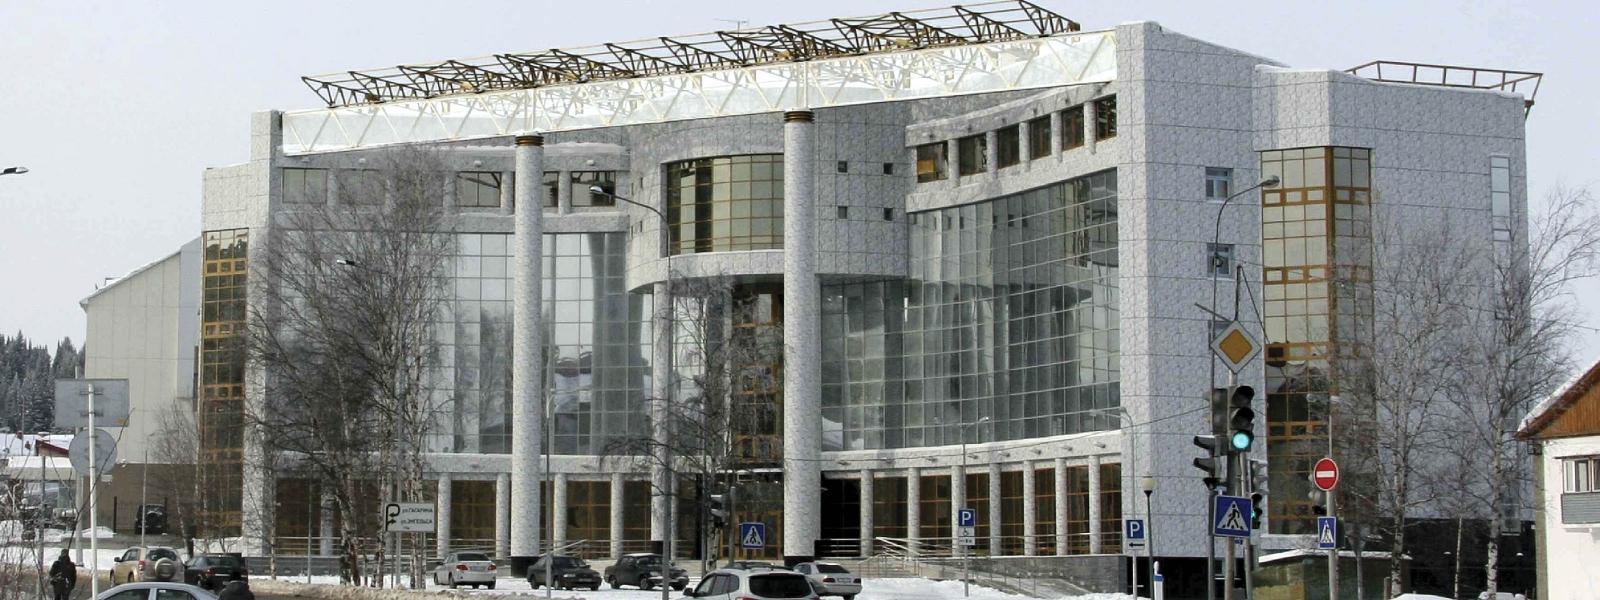 work-Здание окружного суда в Ханты-Мансийске